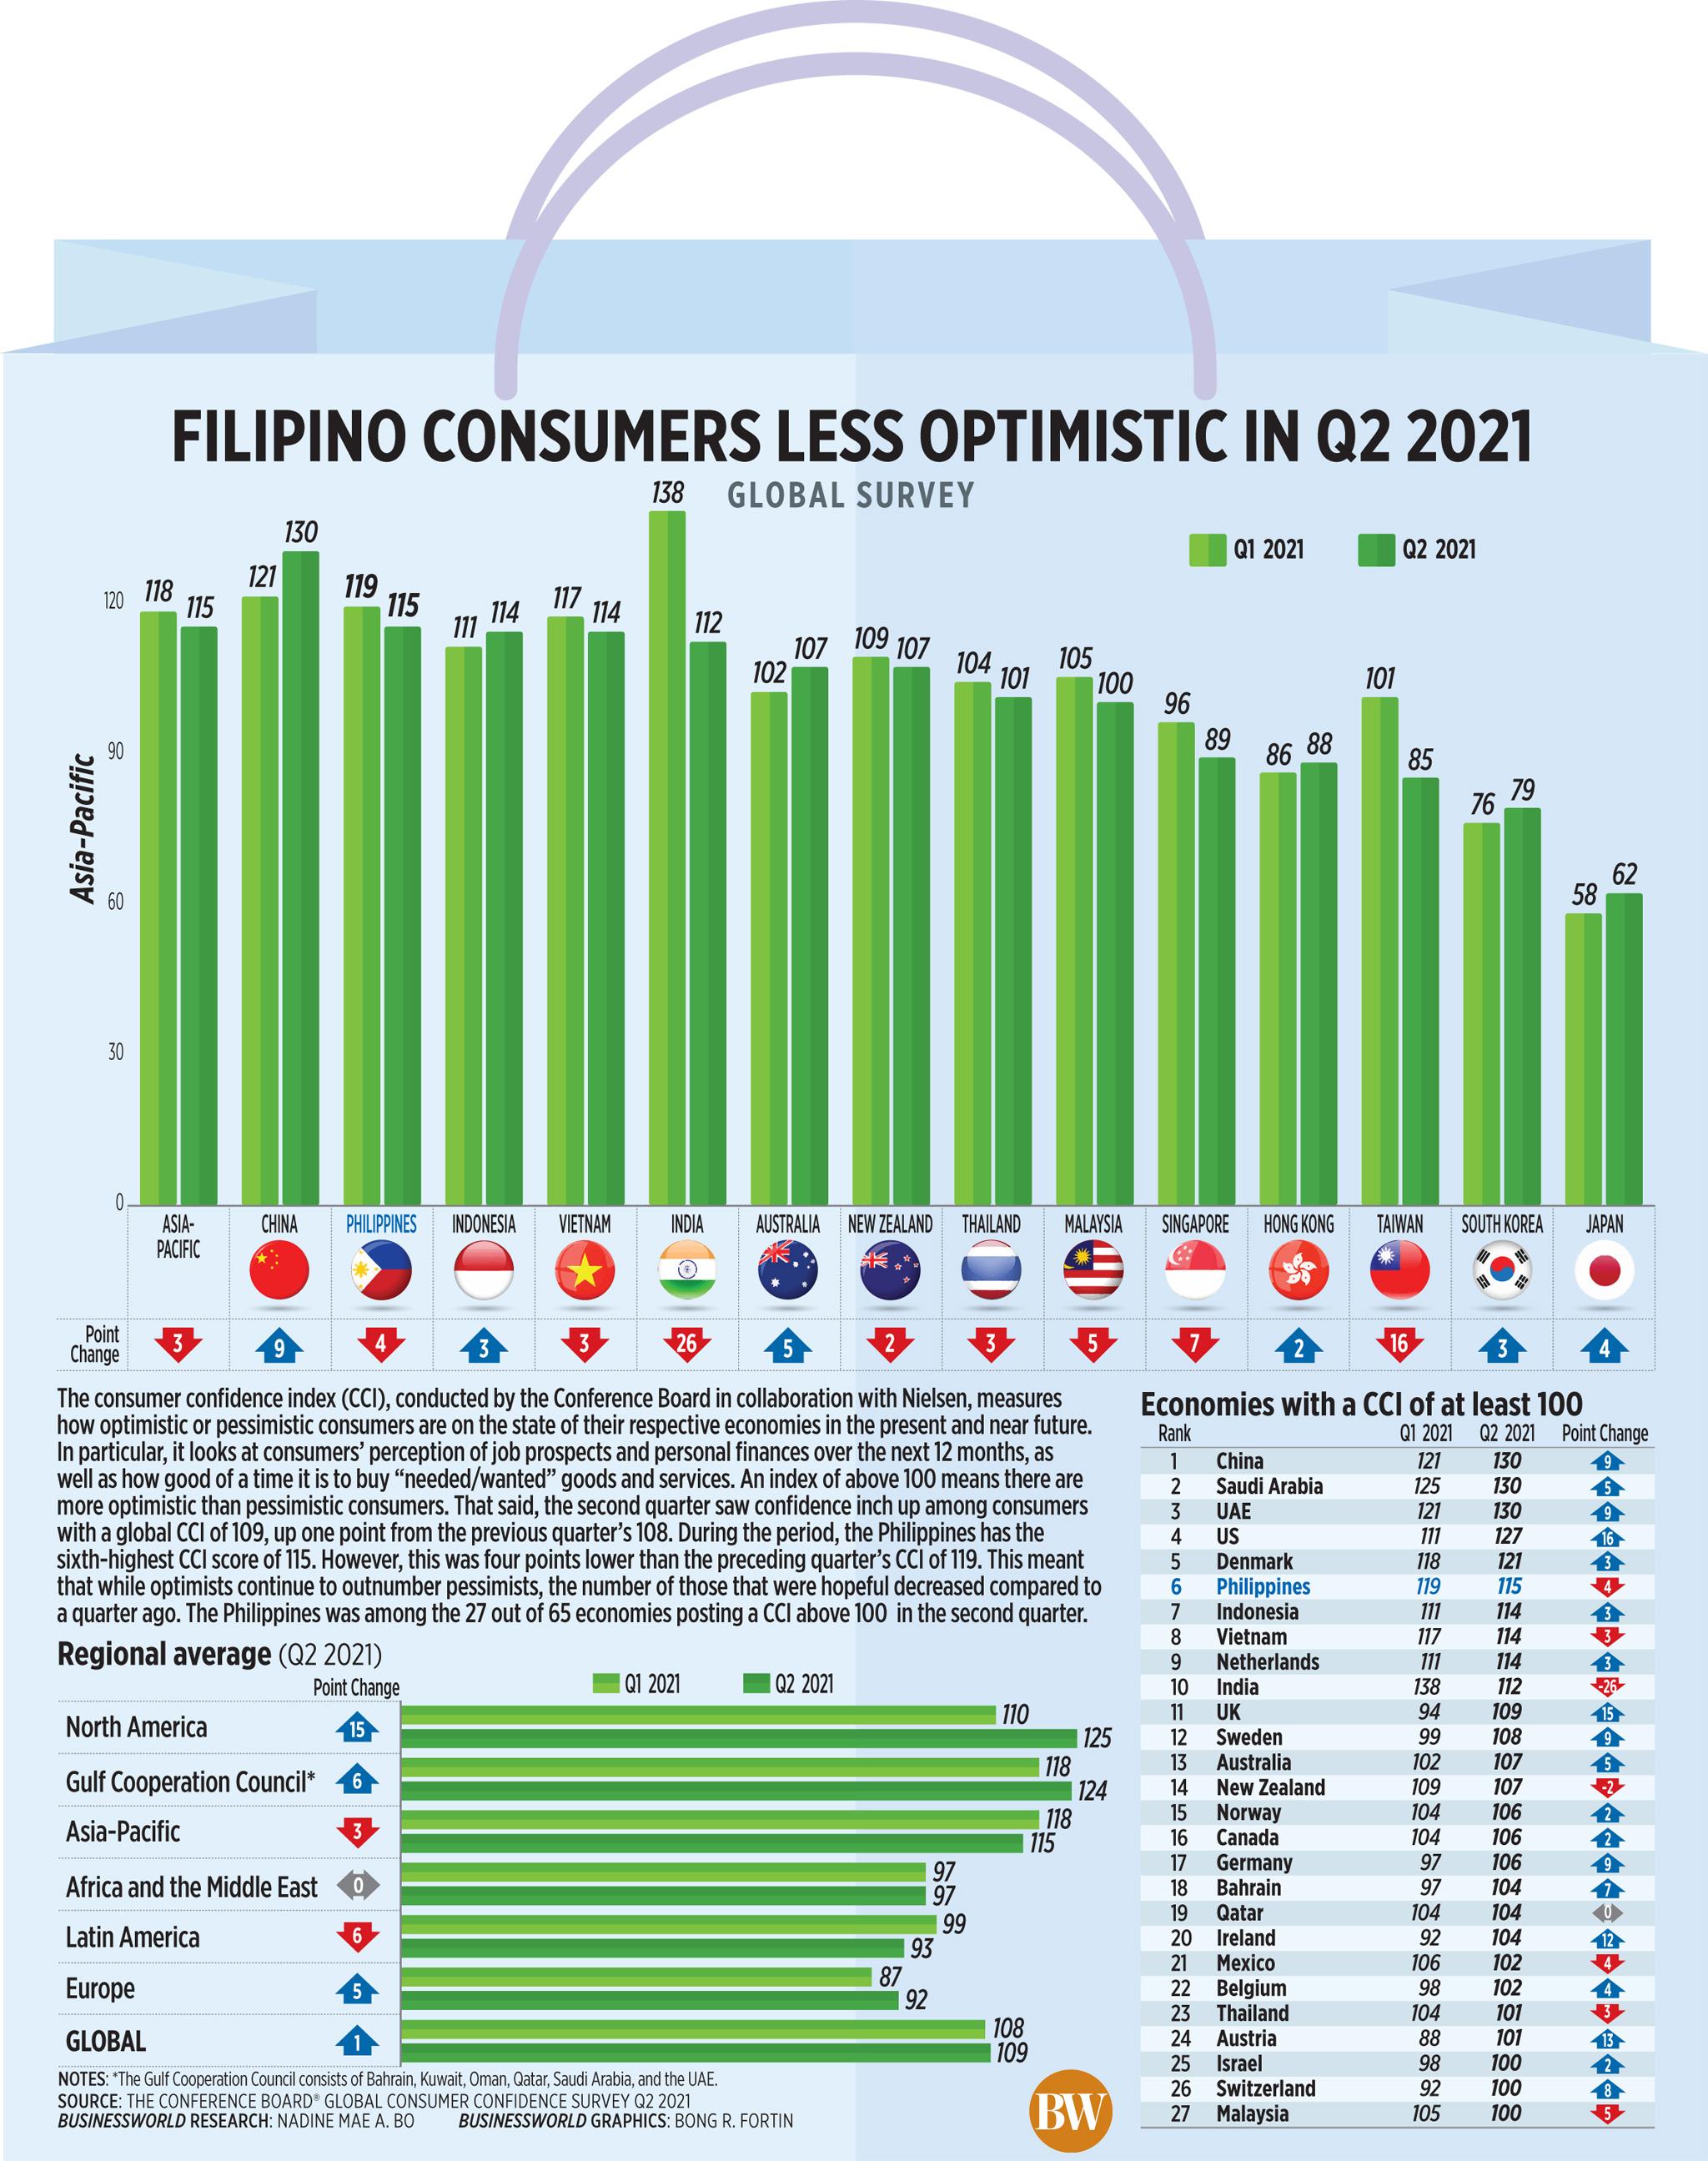 Filipino consumers less optimistic in Q2 2021